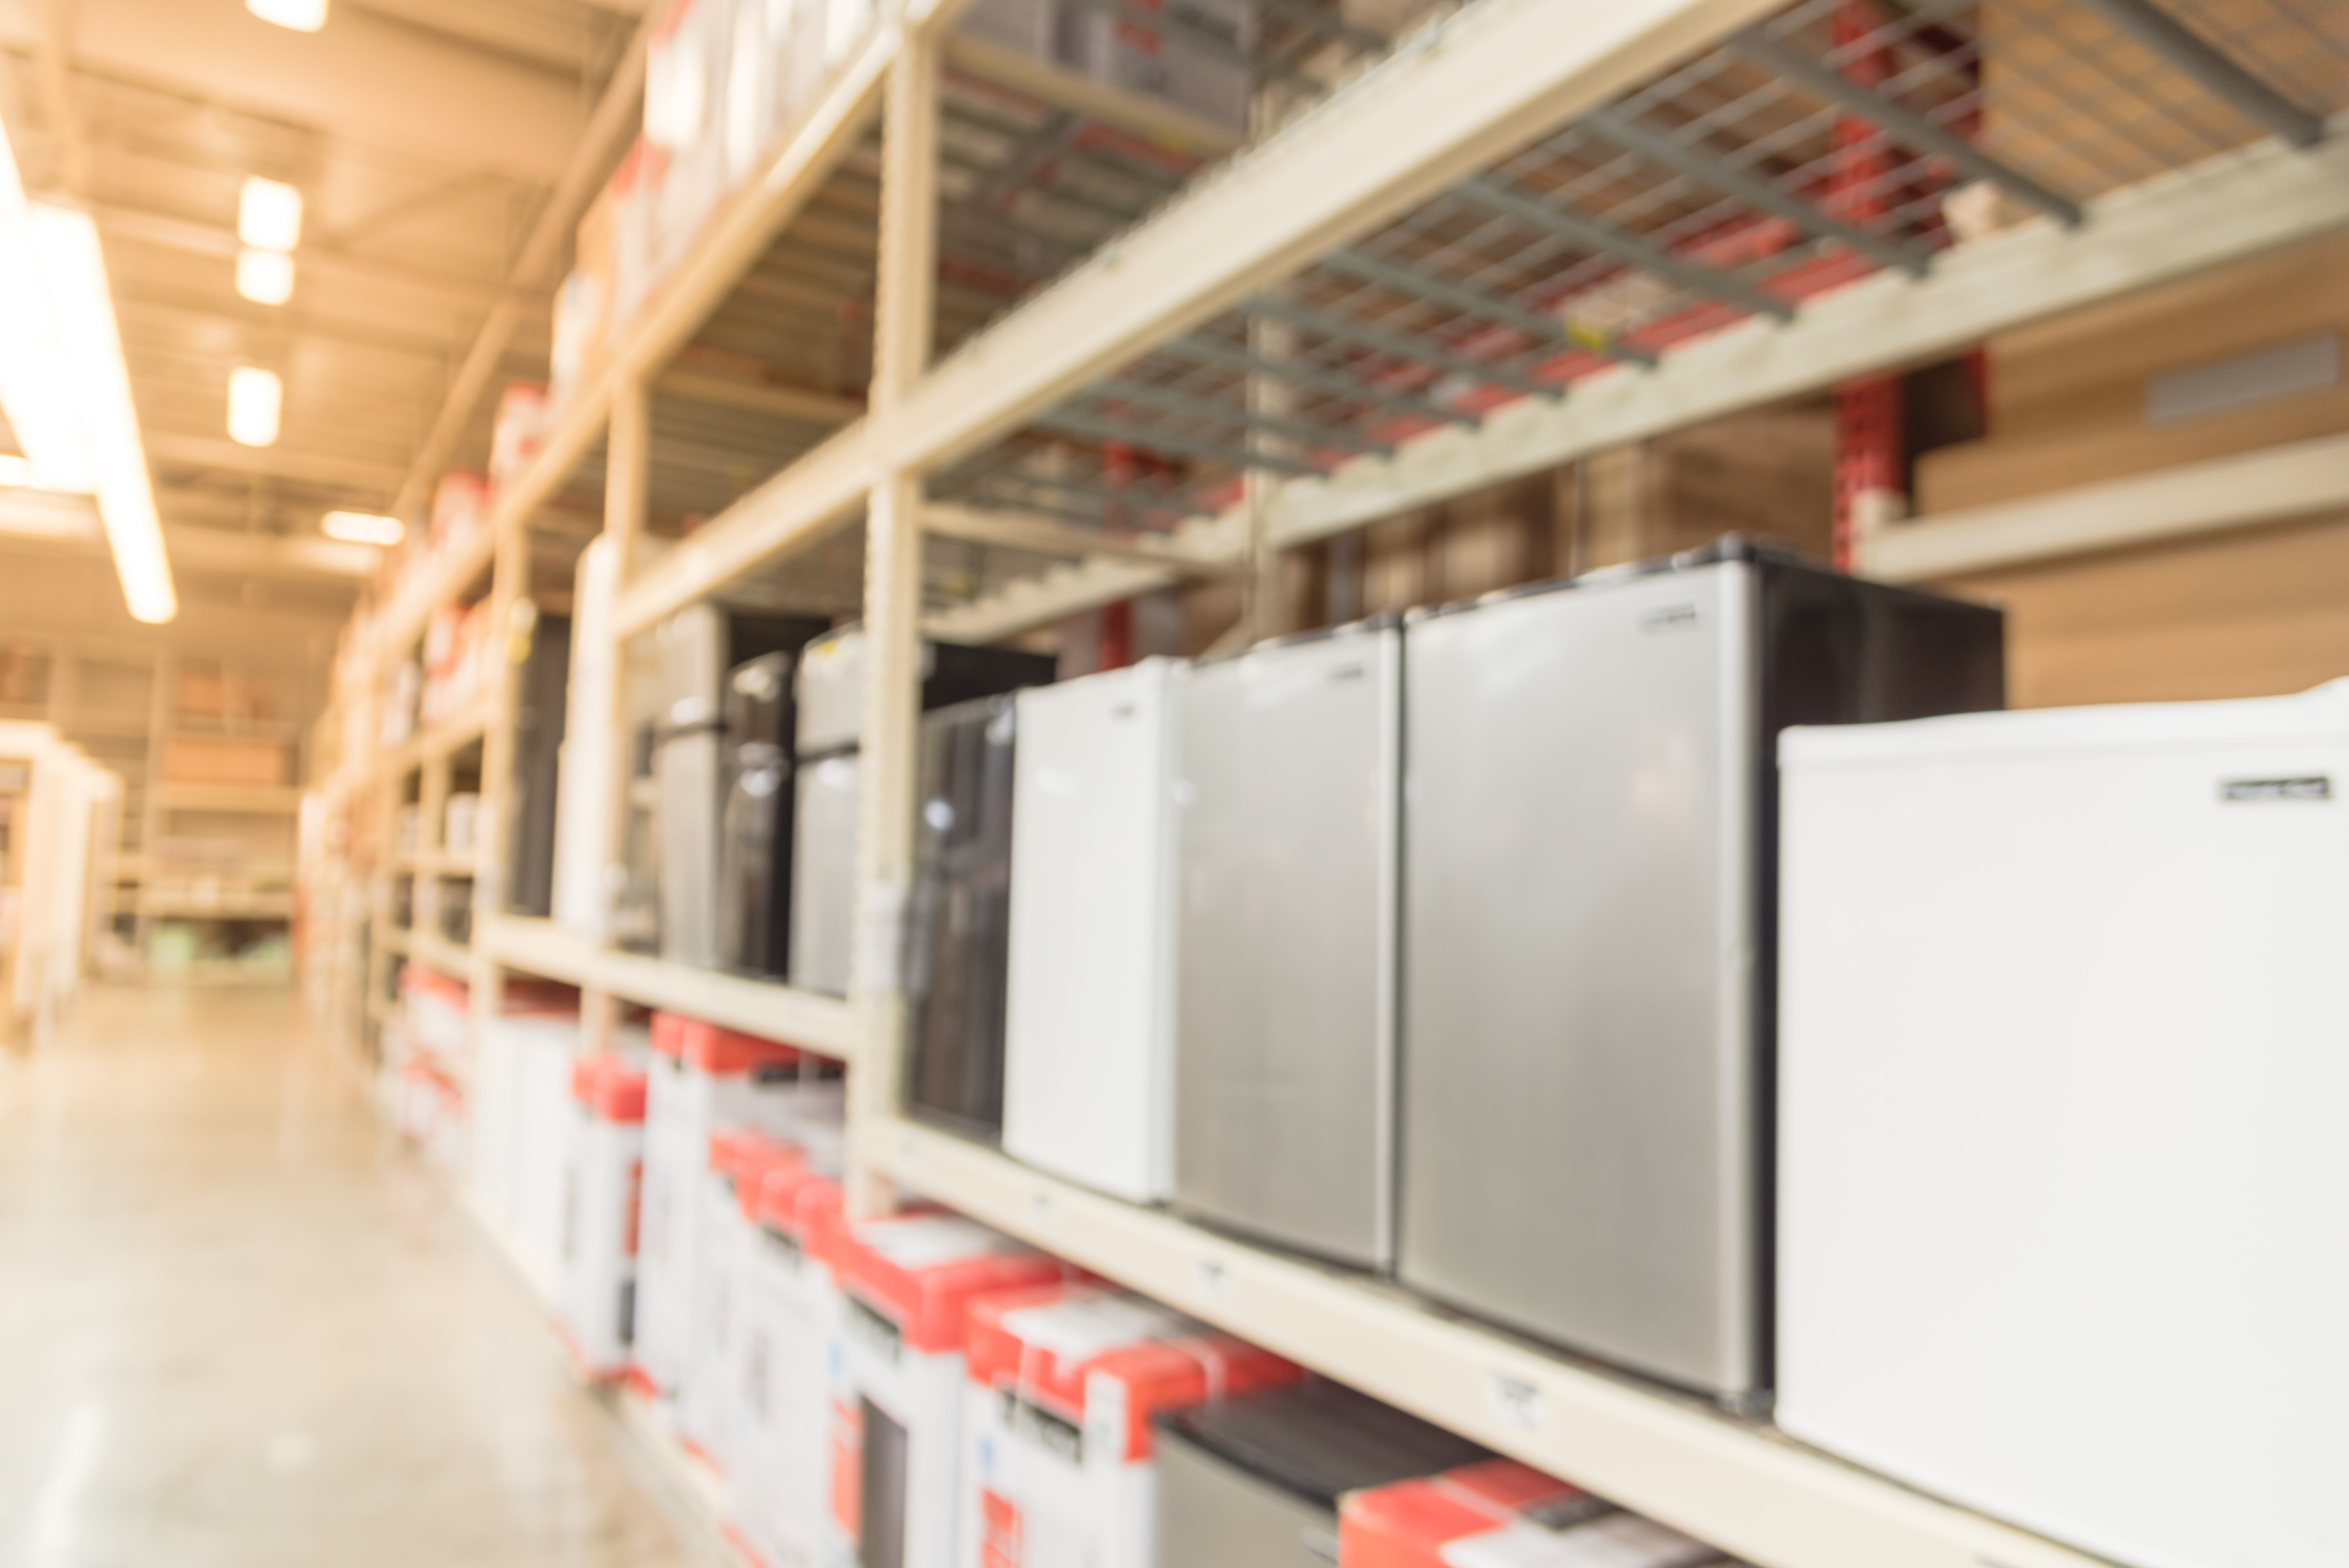 Diferentes modelos de frigobares